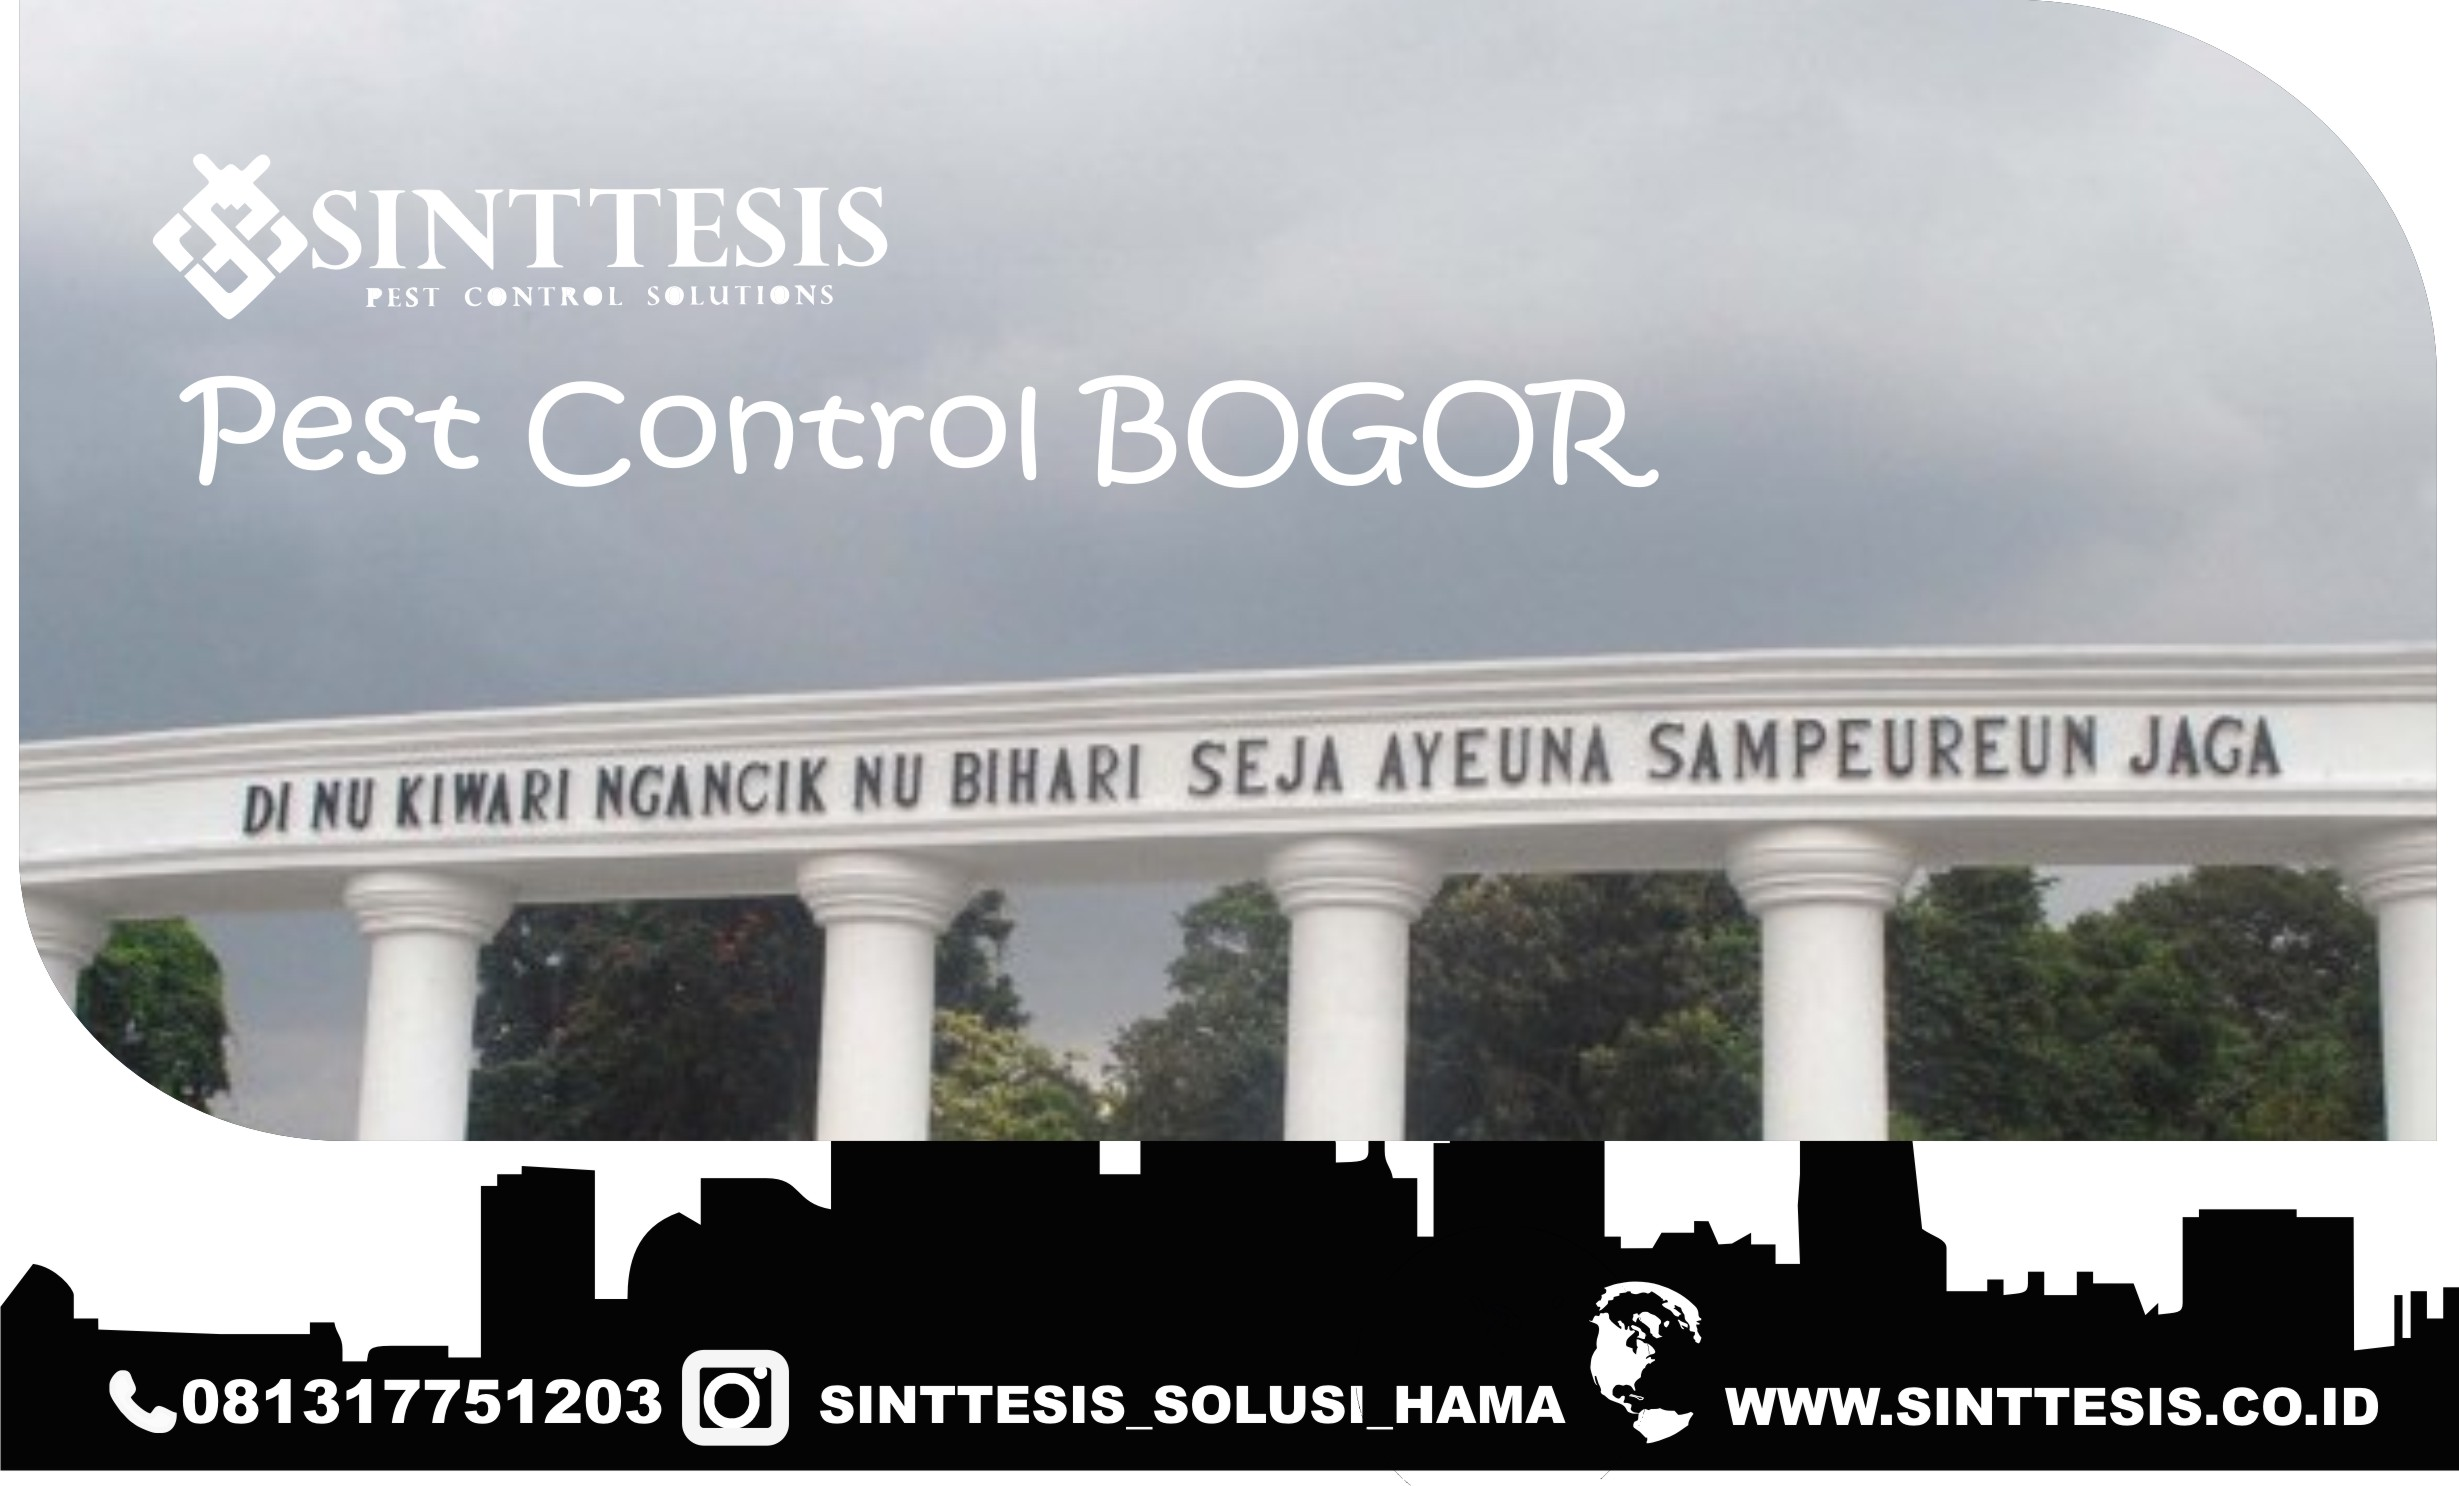 Pembasmi Rayap Alami di Bogor